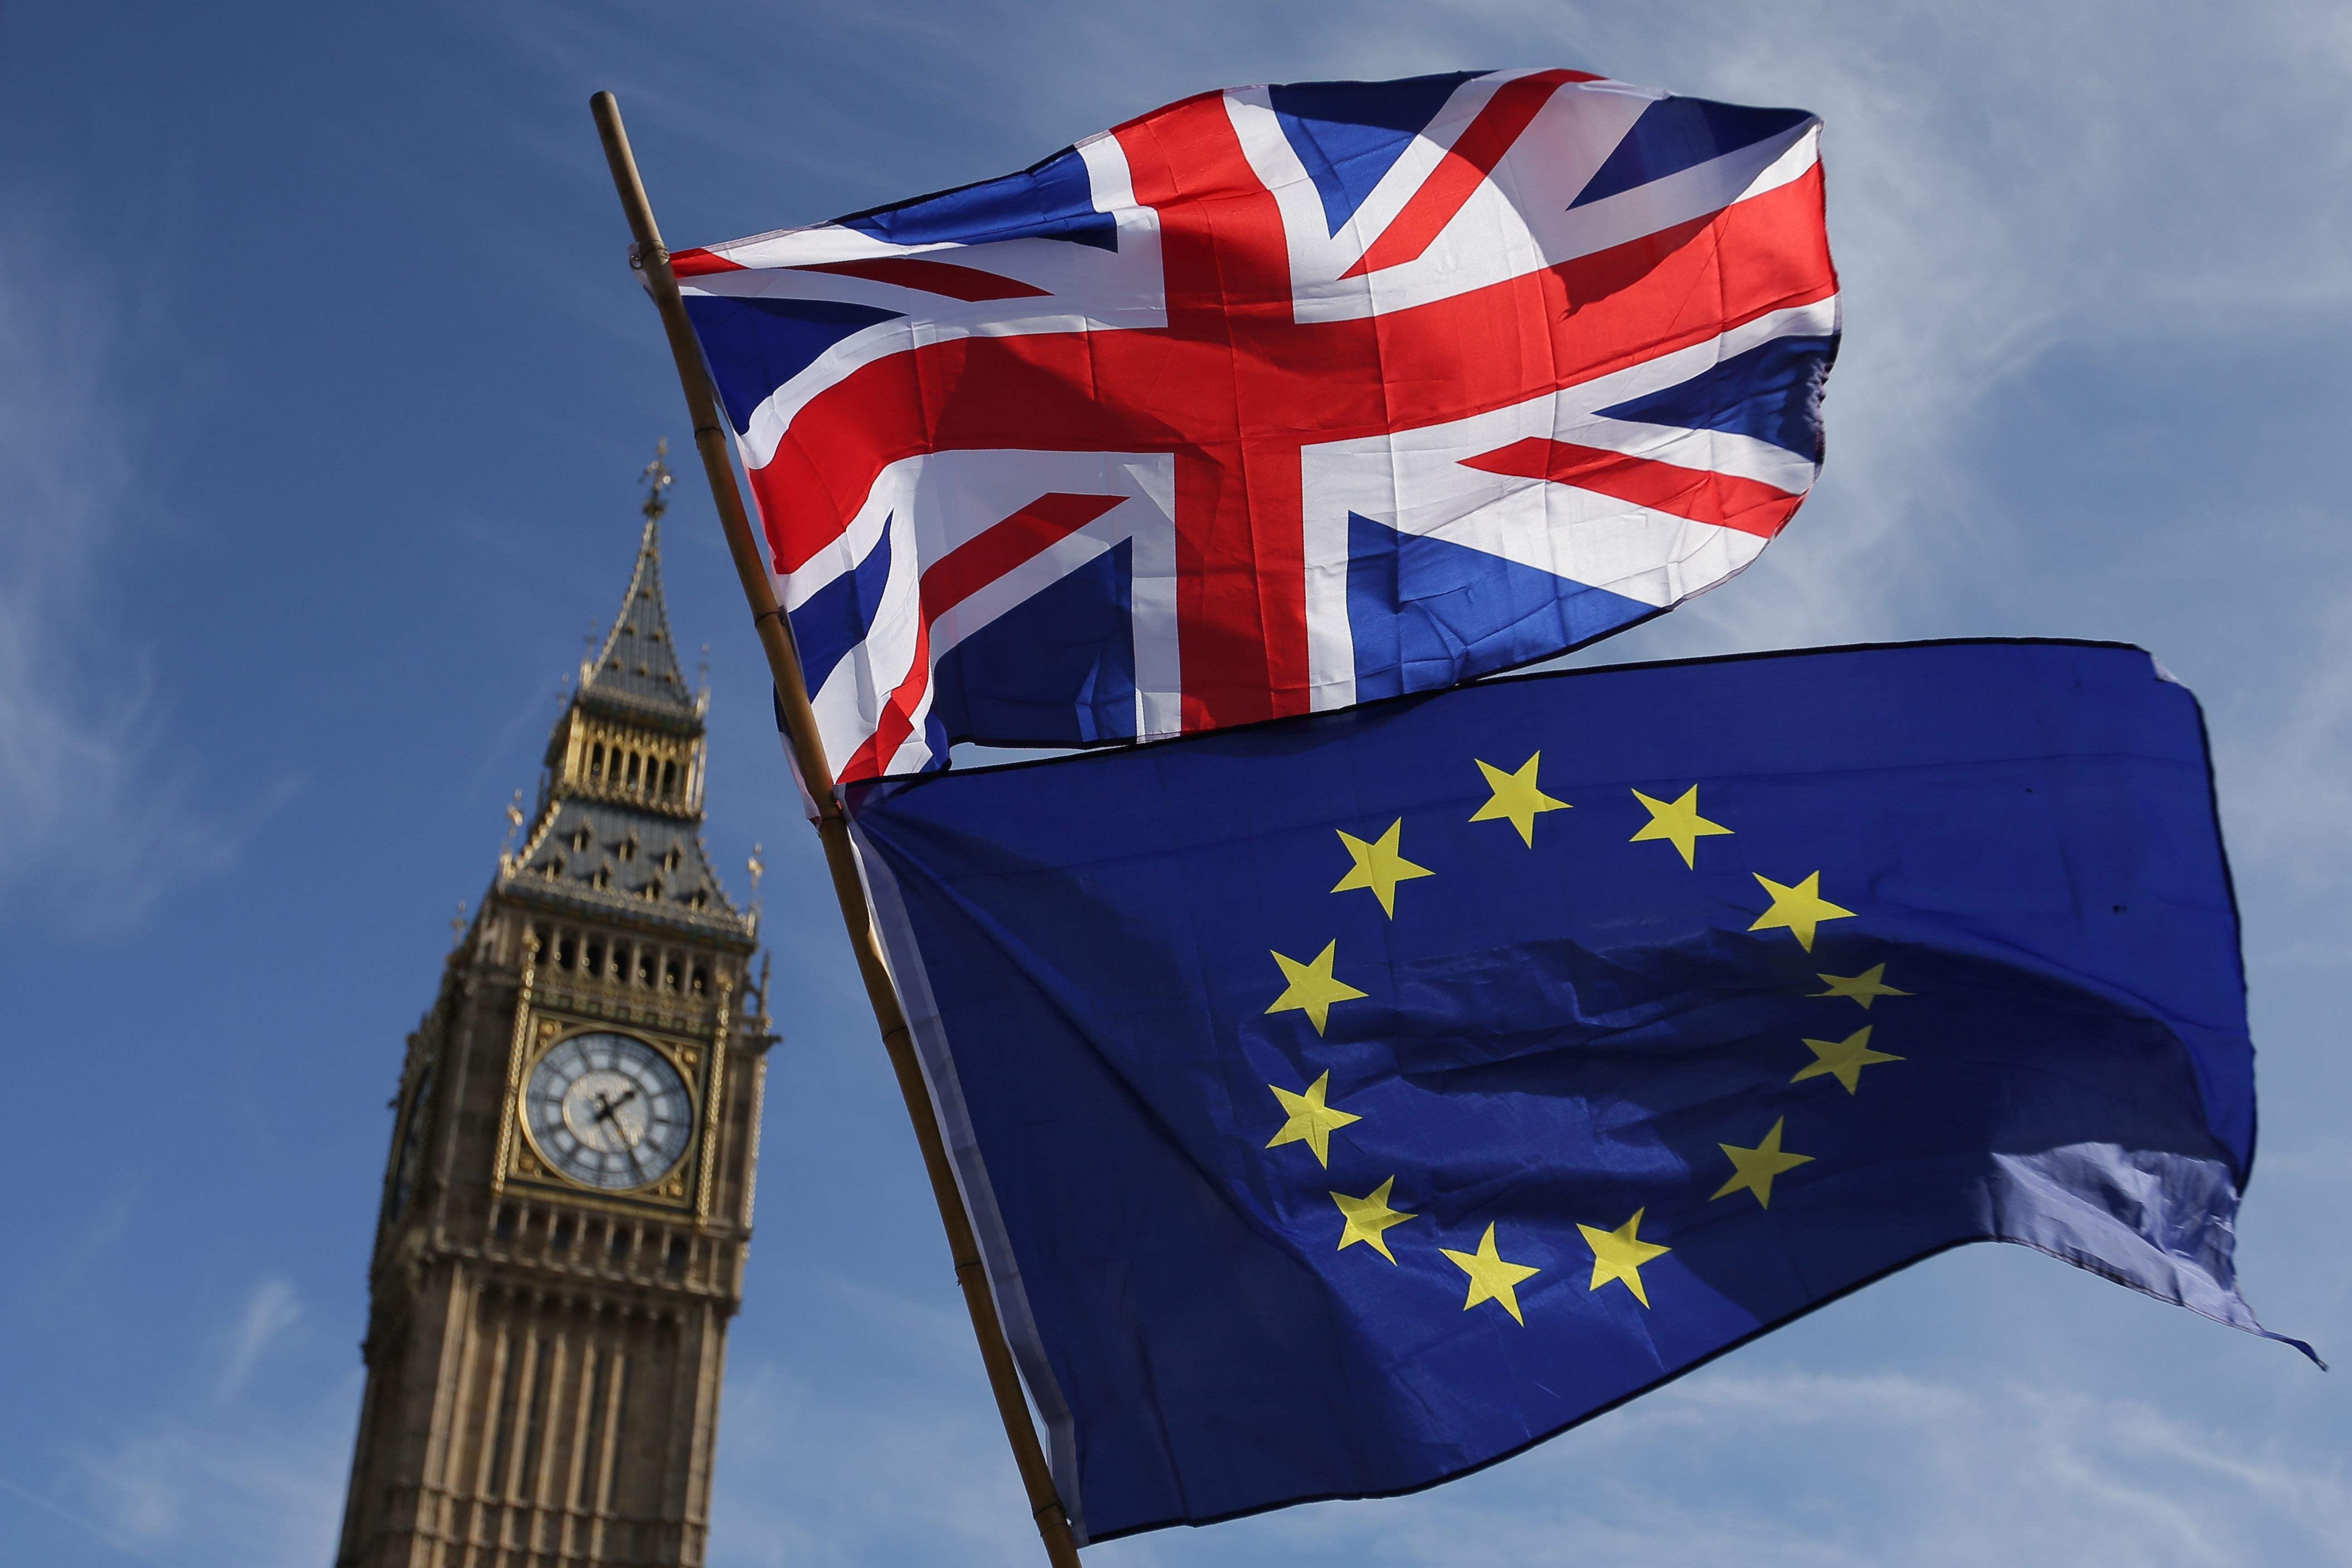 英国脱欧了,你的欧盟商标该怎么办? — 洋易达